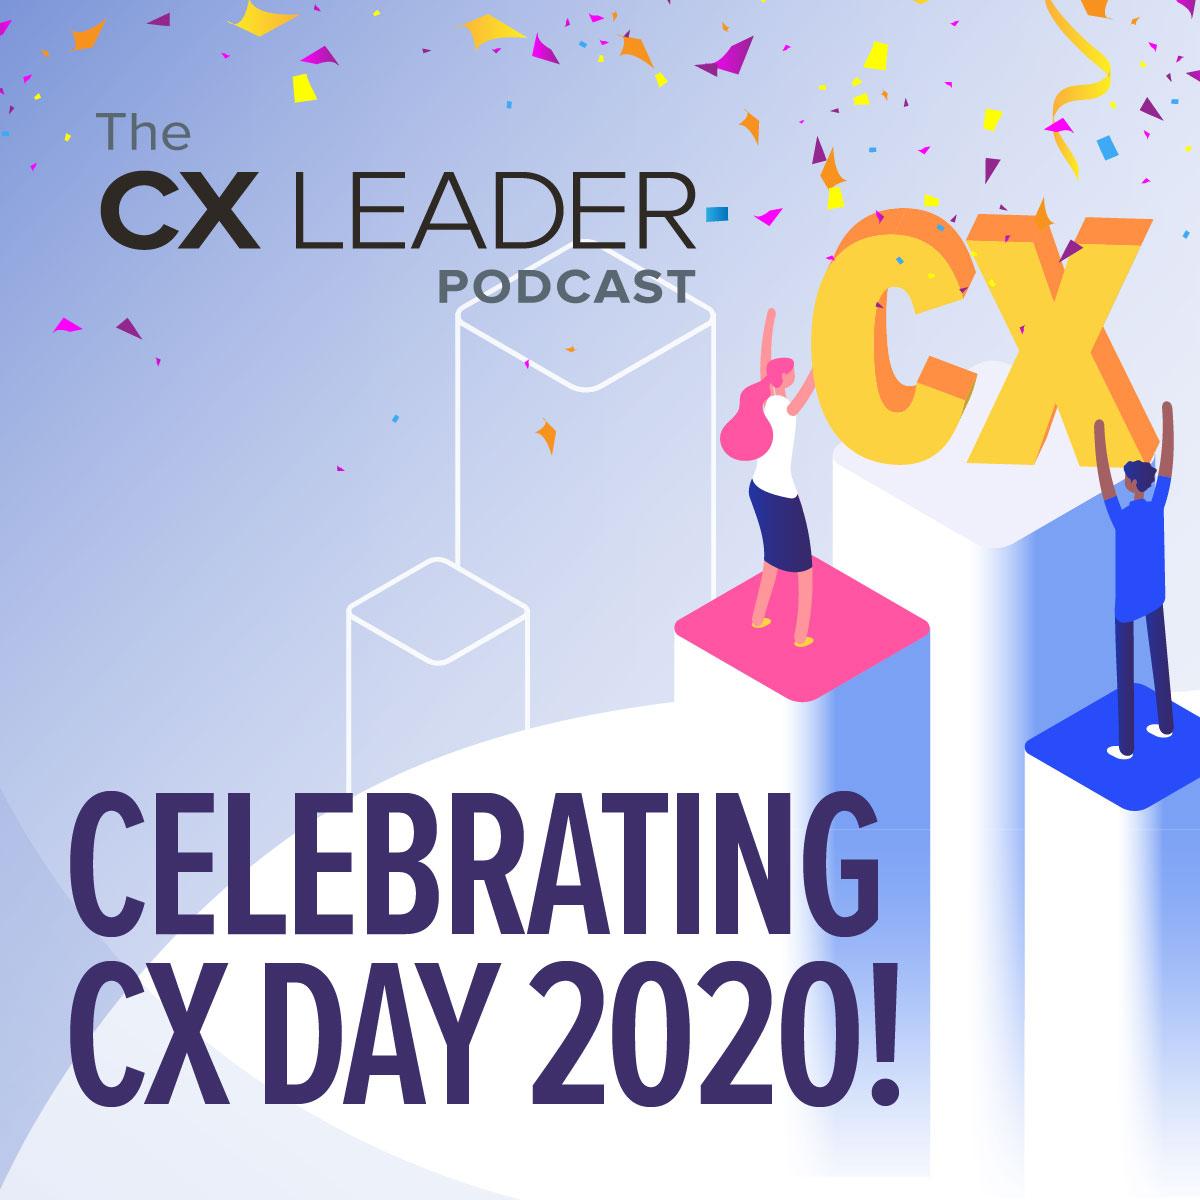 Celebrating CX Day 2020!